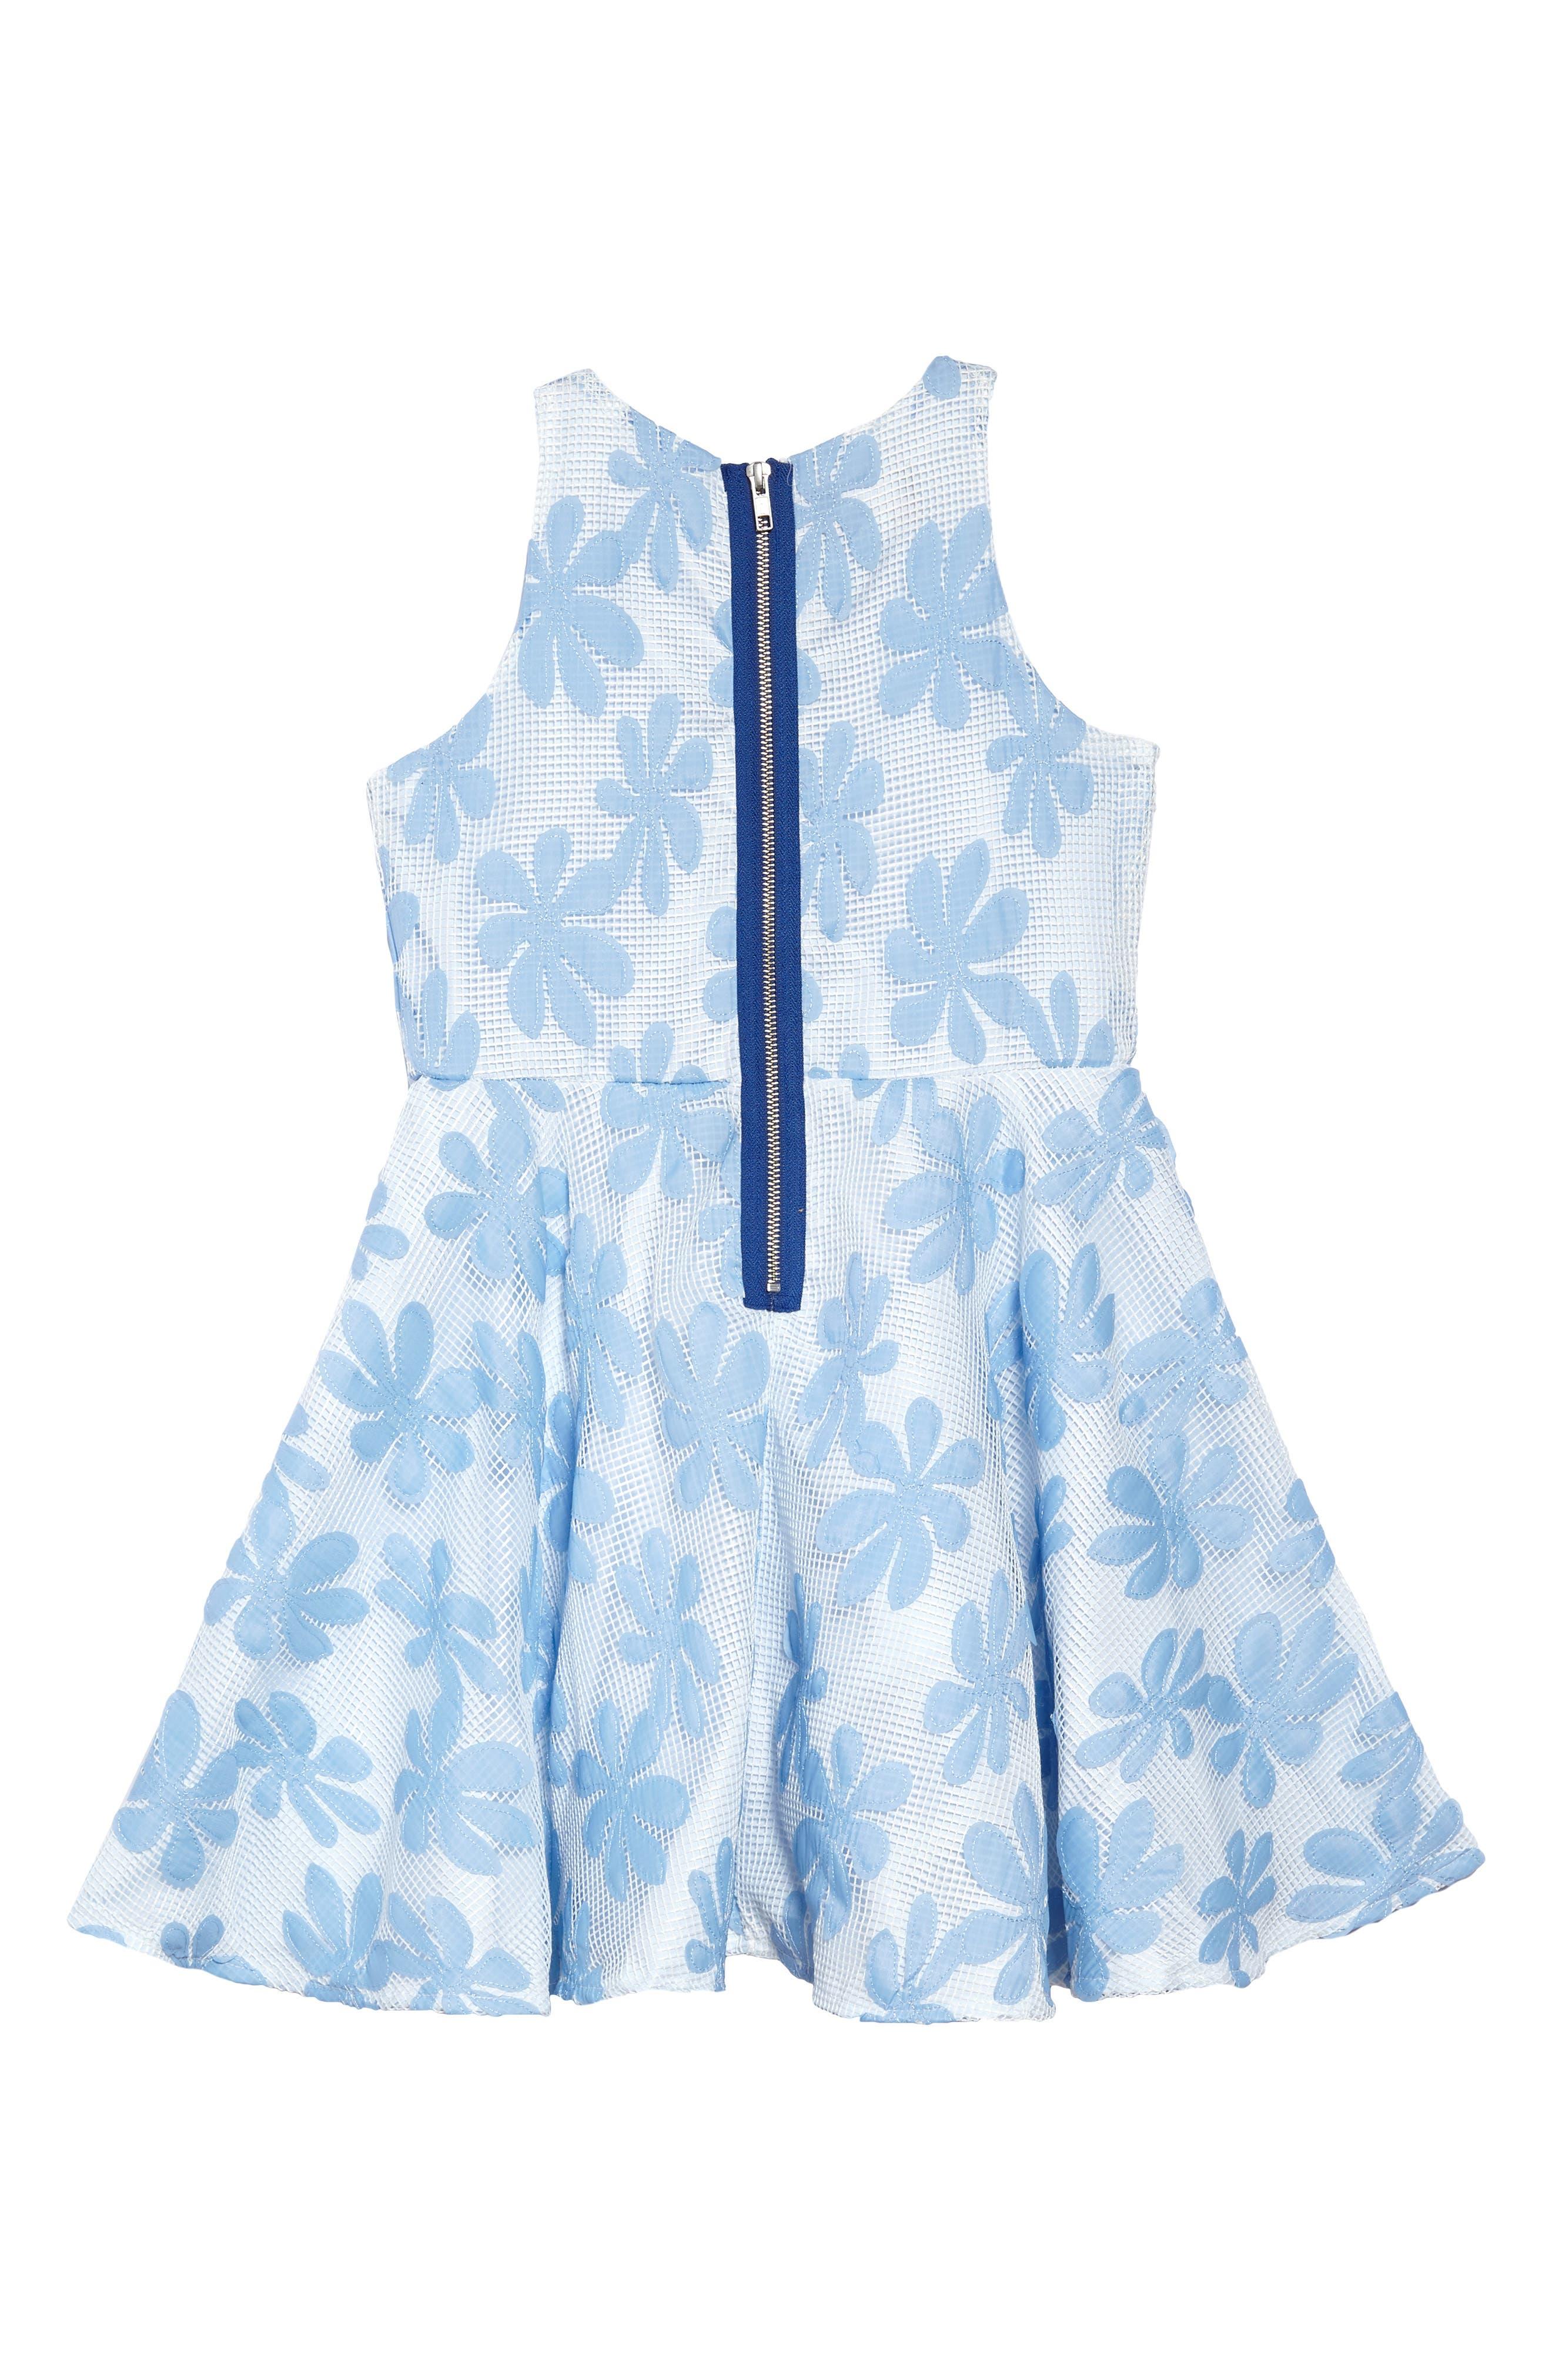 Daisy Appliqué Mesh Dress,                             Alternate thumbnail 2, color,                             White/ Blue